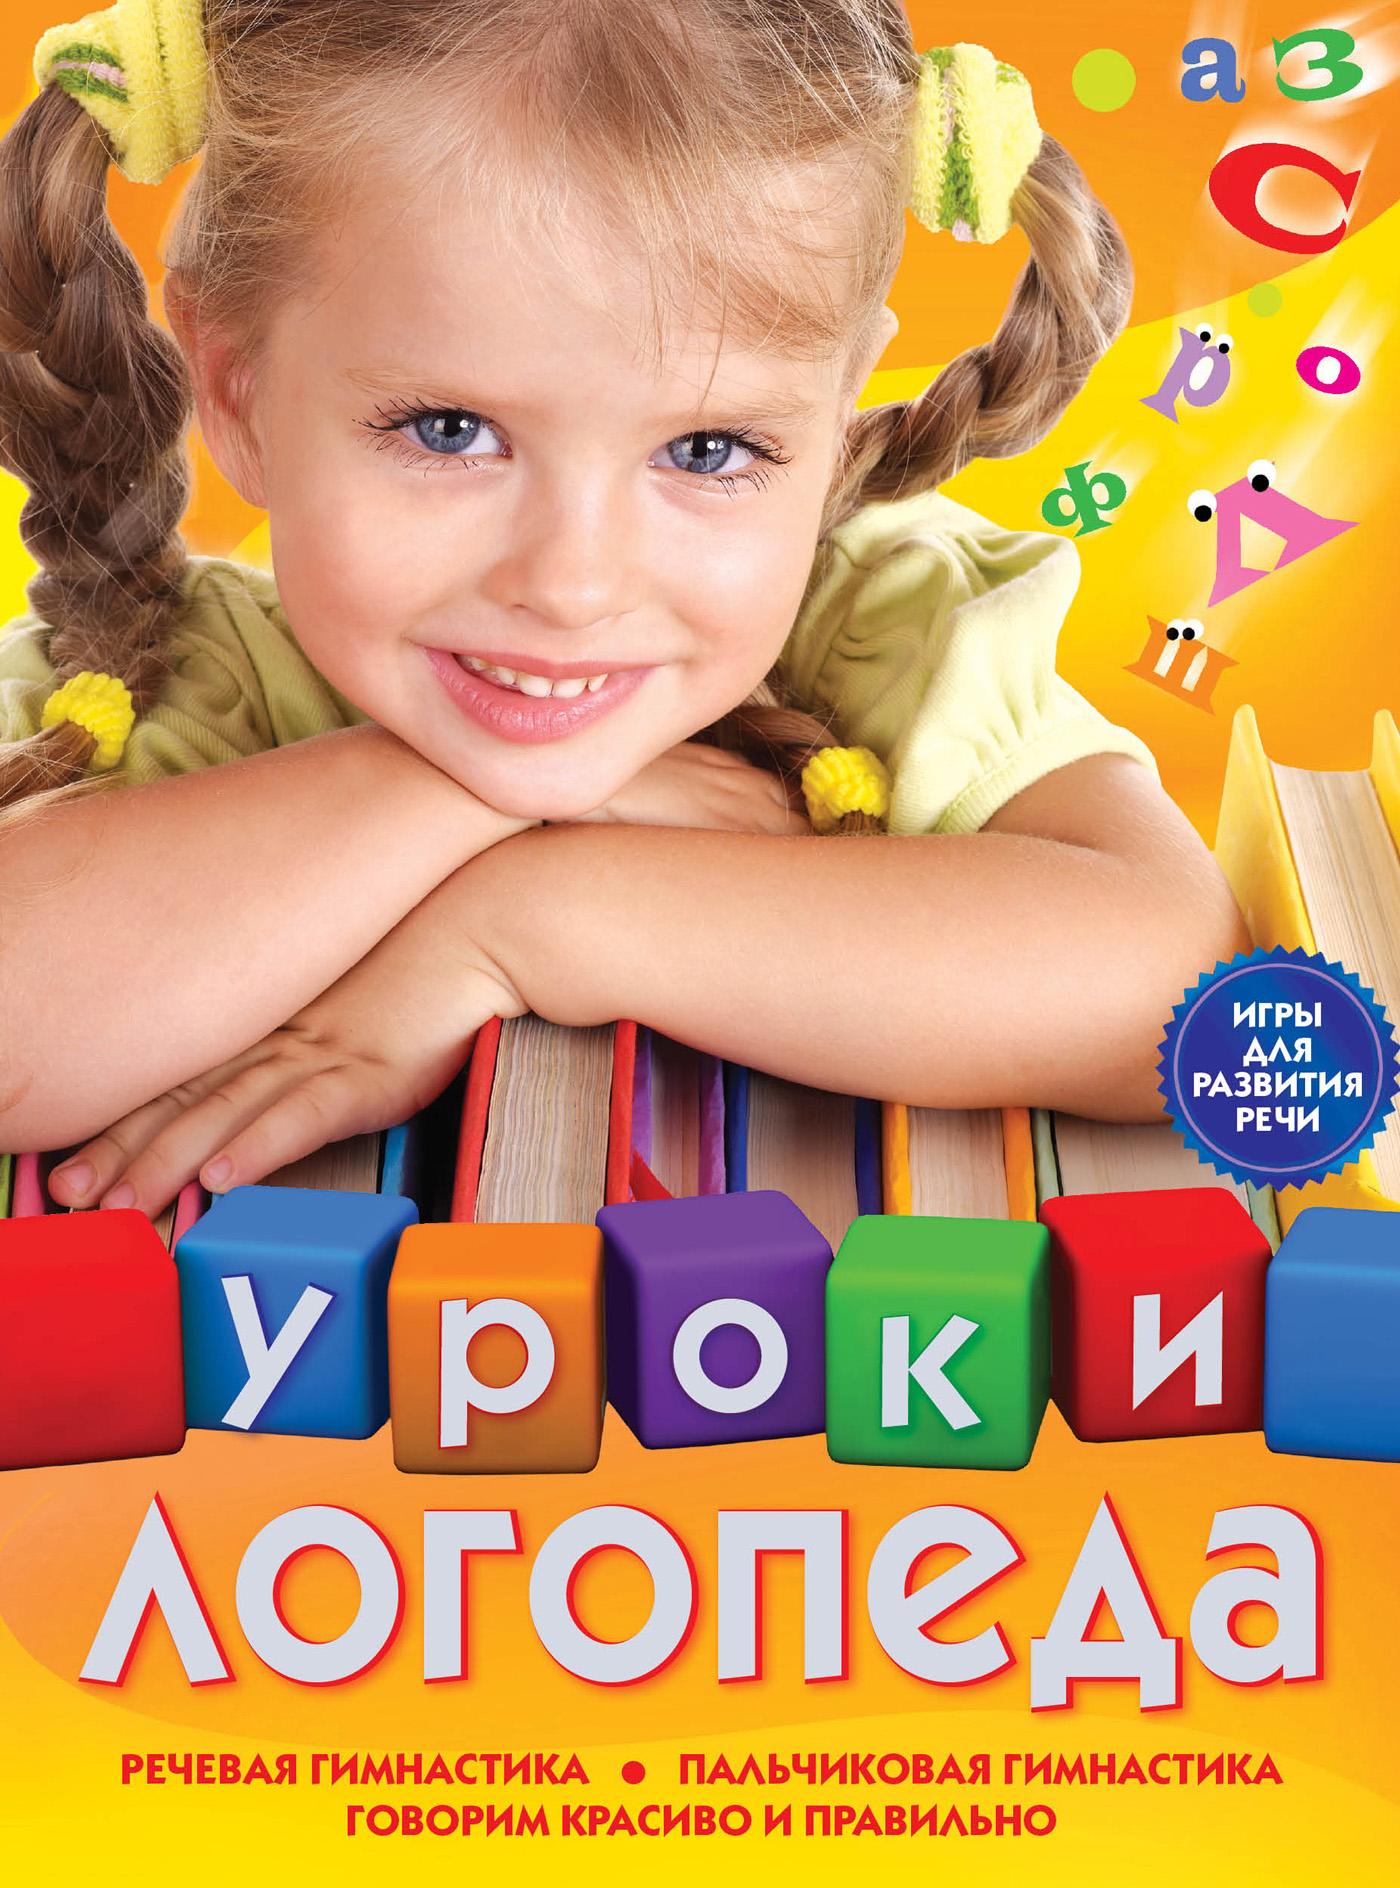 Е. М. Косинова Уроки логопеда. Игры для развития речи косинова е уроки логопеда